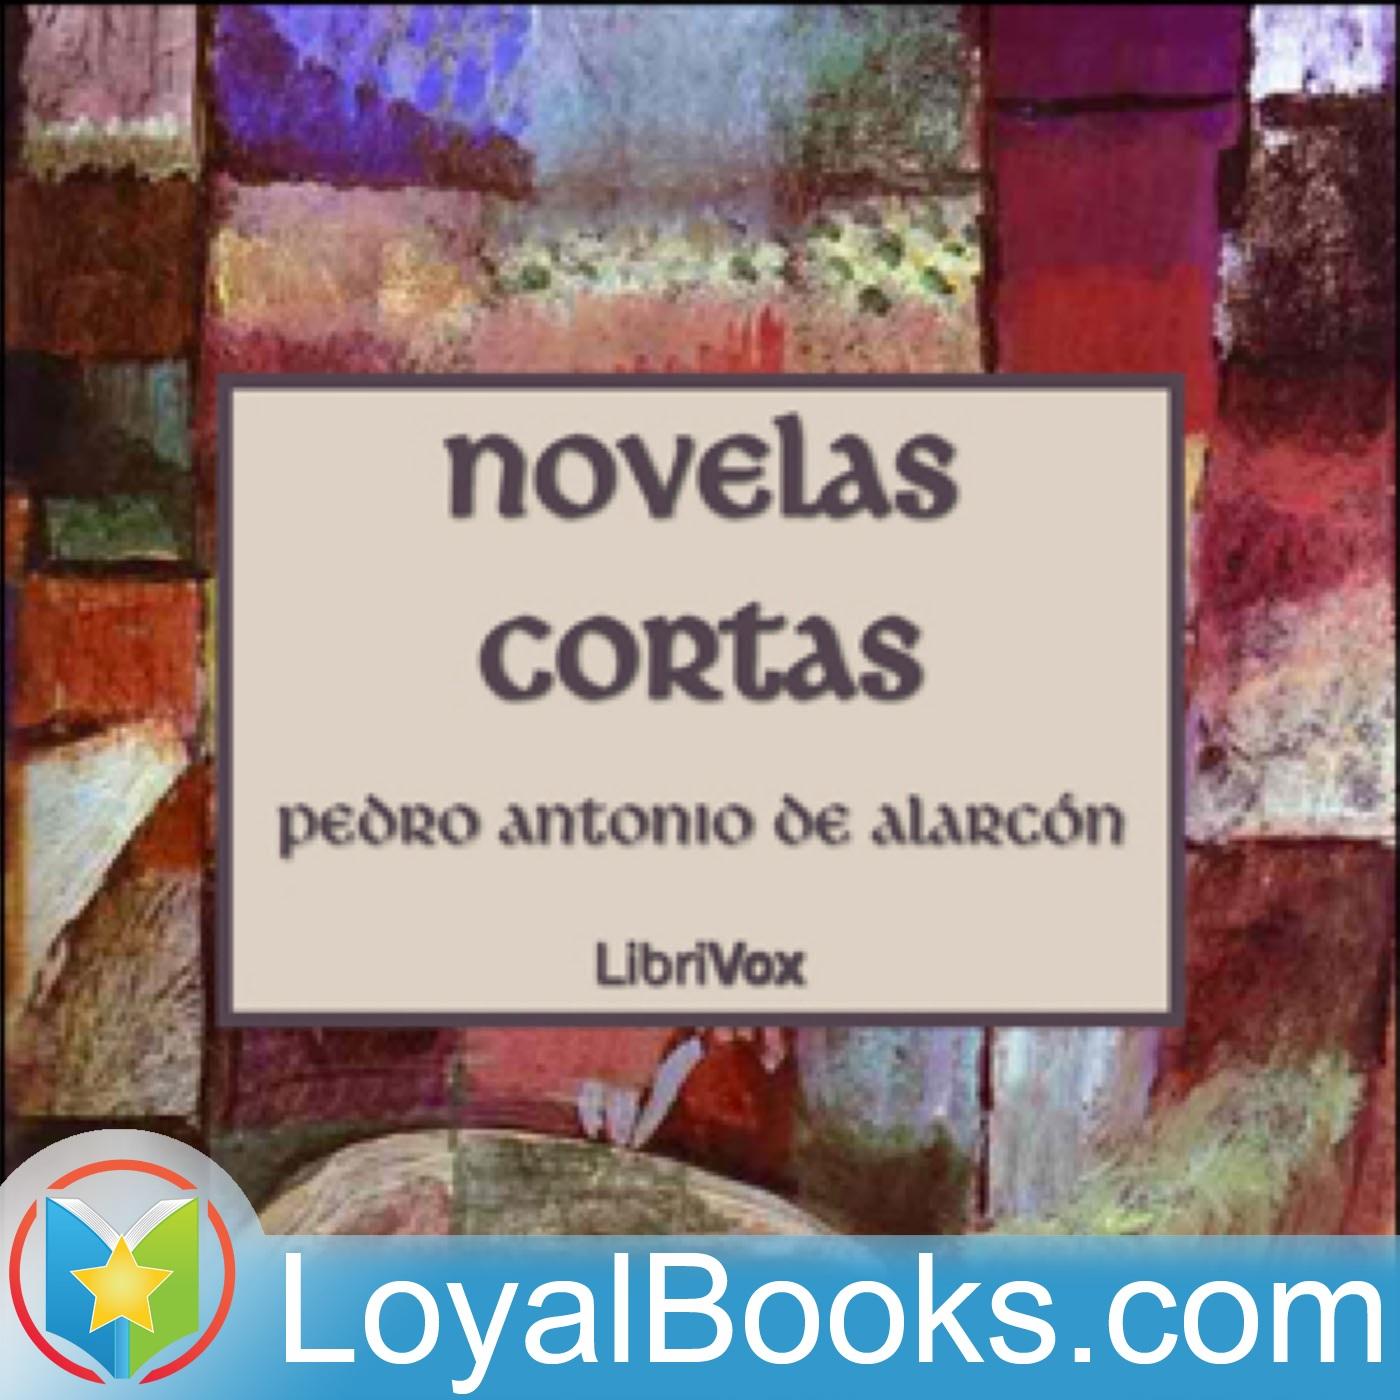 <![CDATA[Novelas Cortas by Pedro Antonio de Alarcón]]>